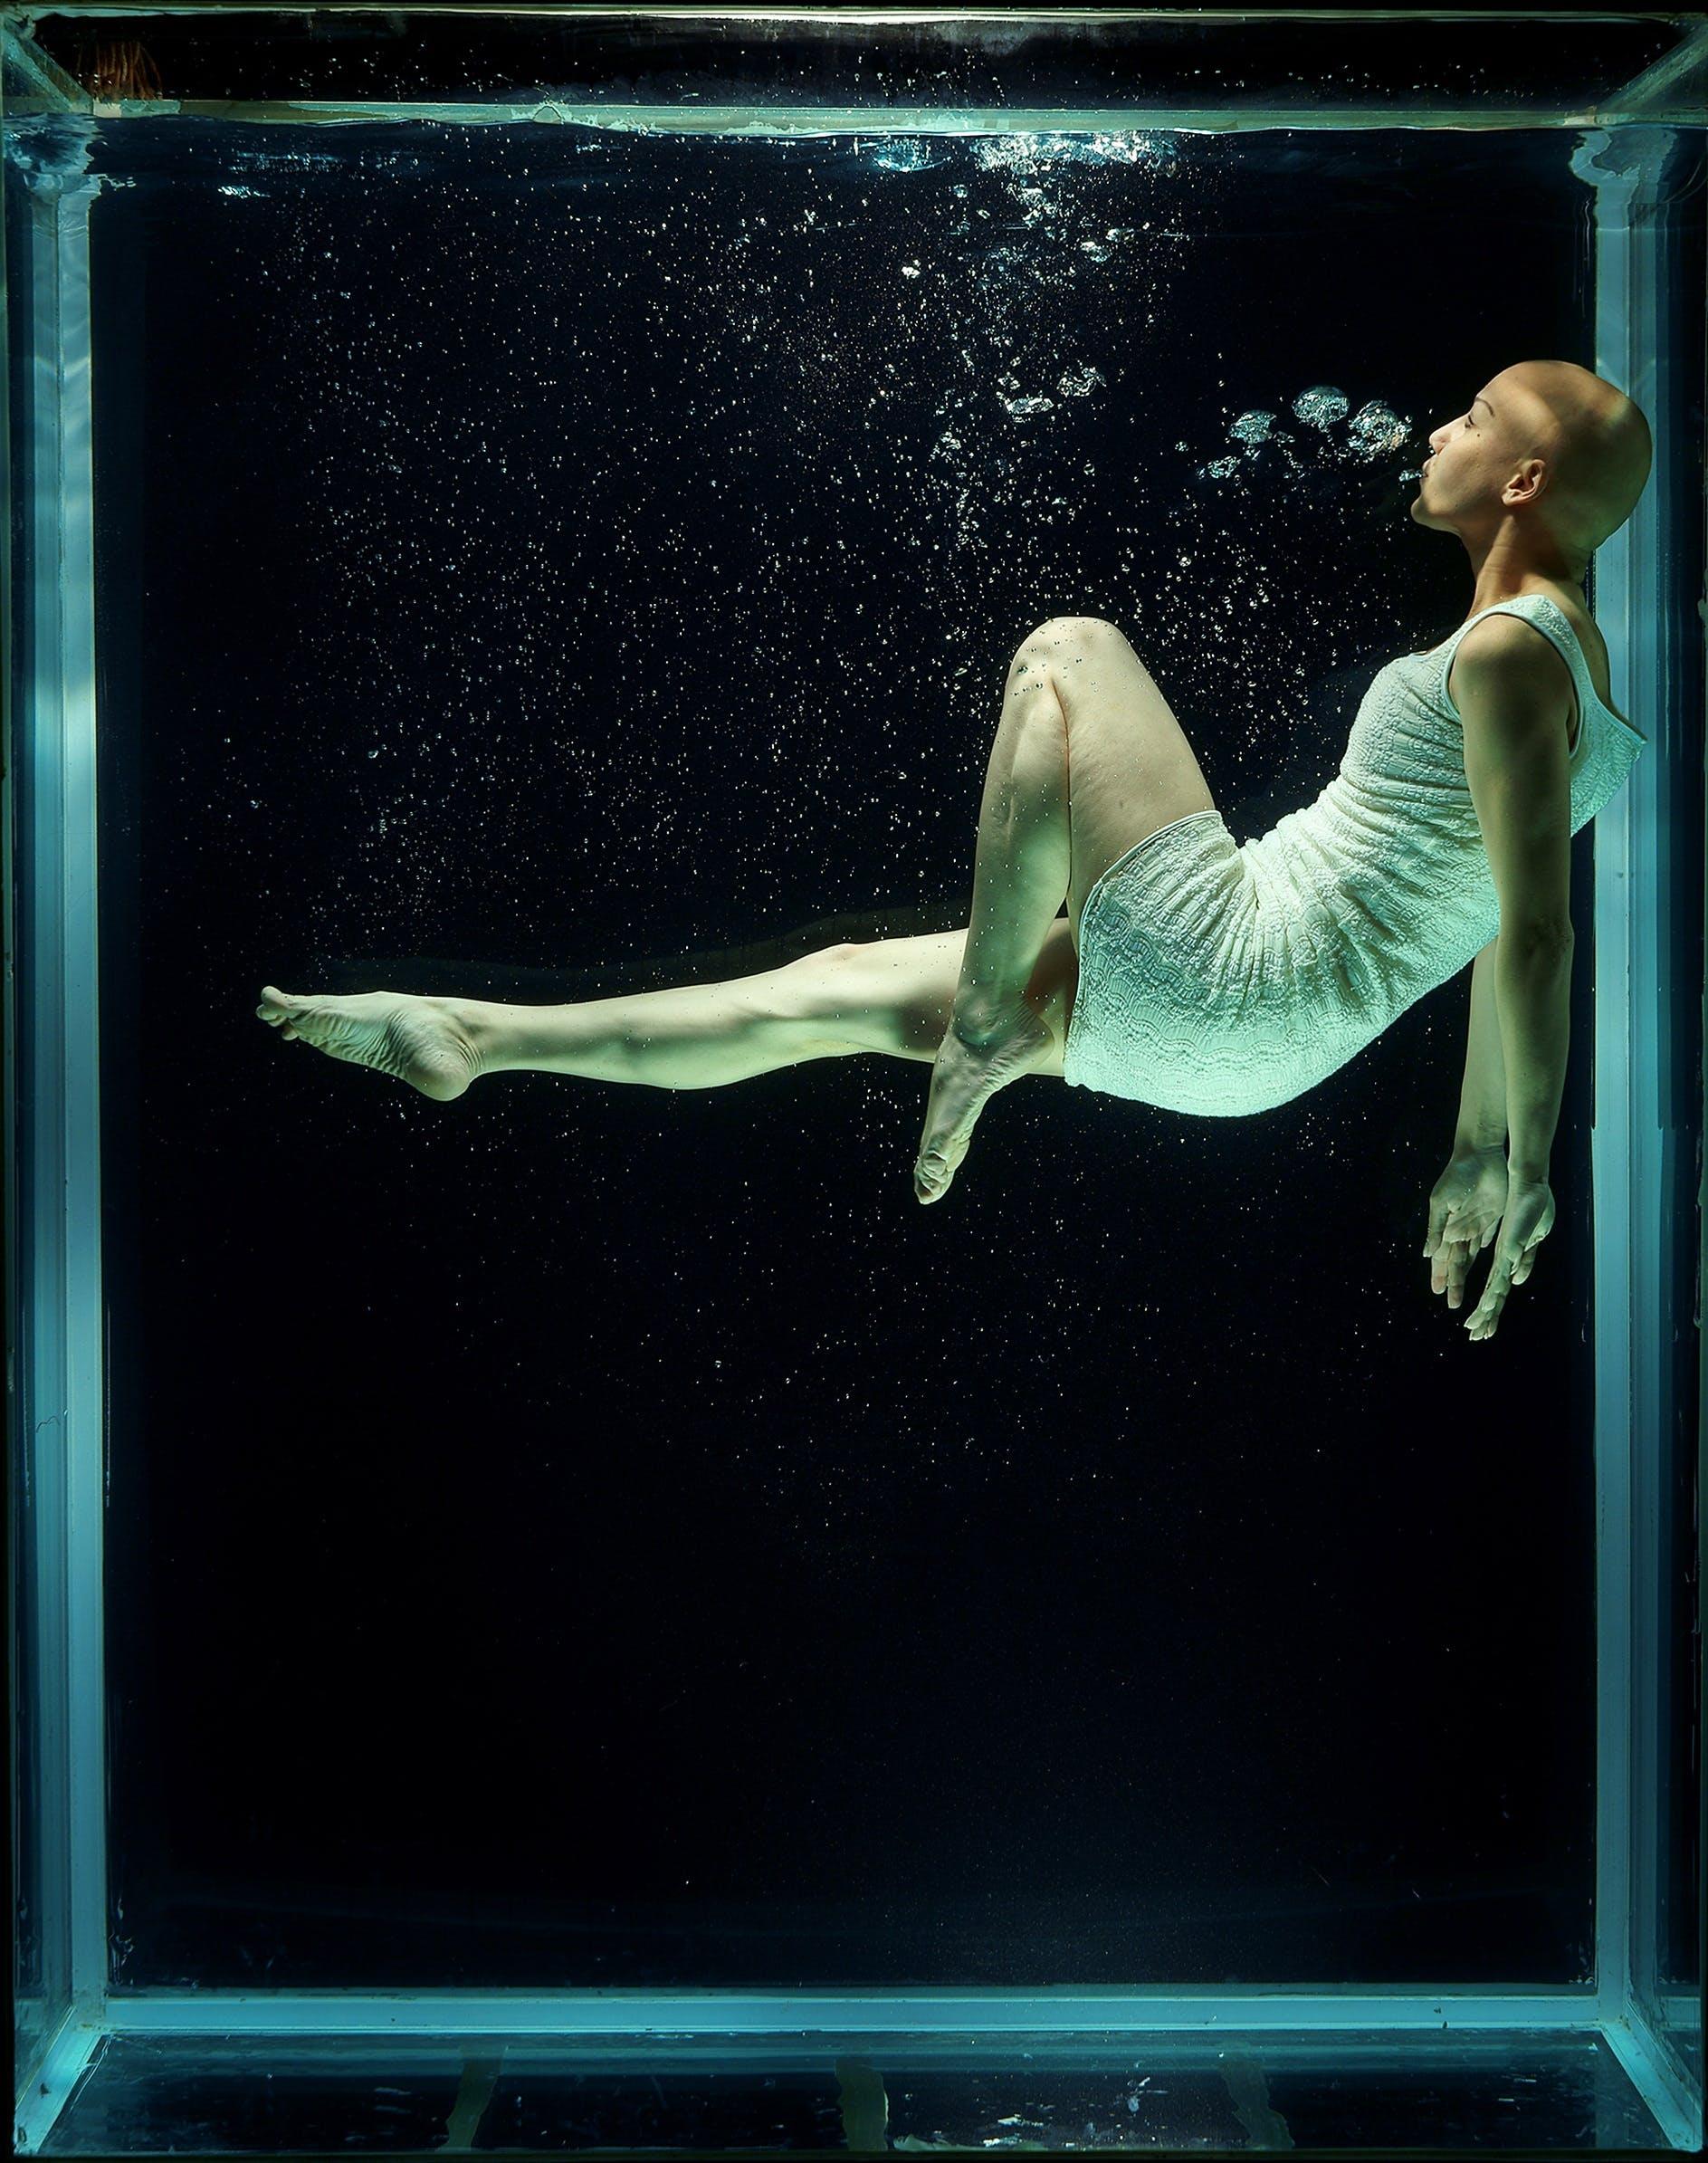 adult, agility, aquarium